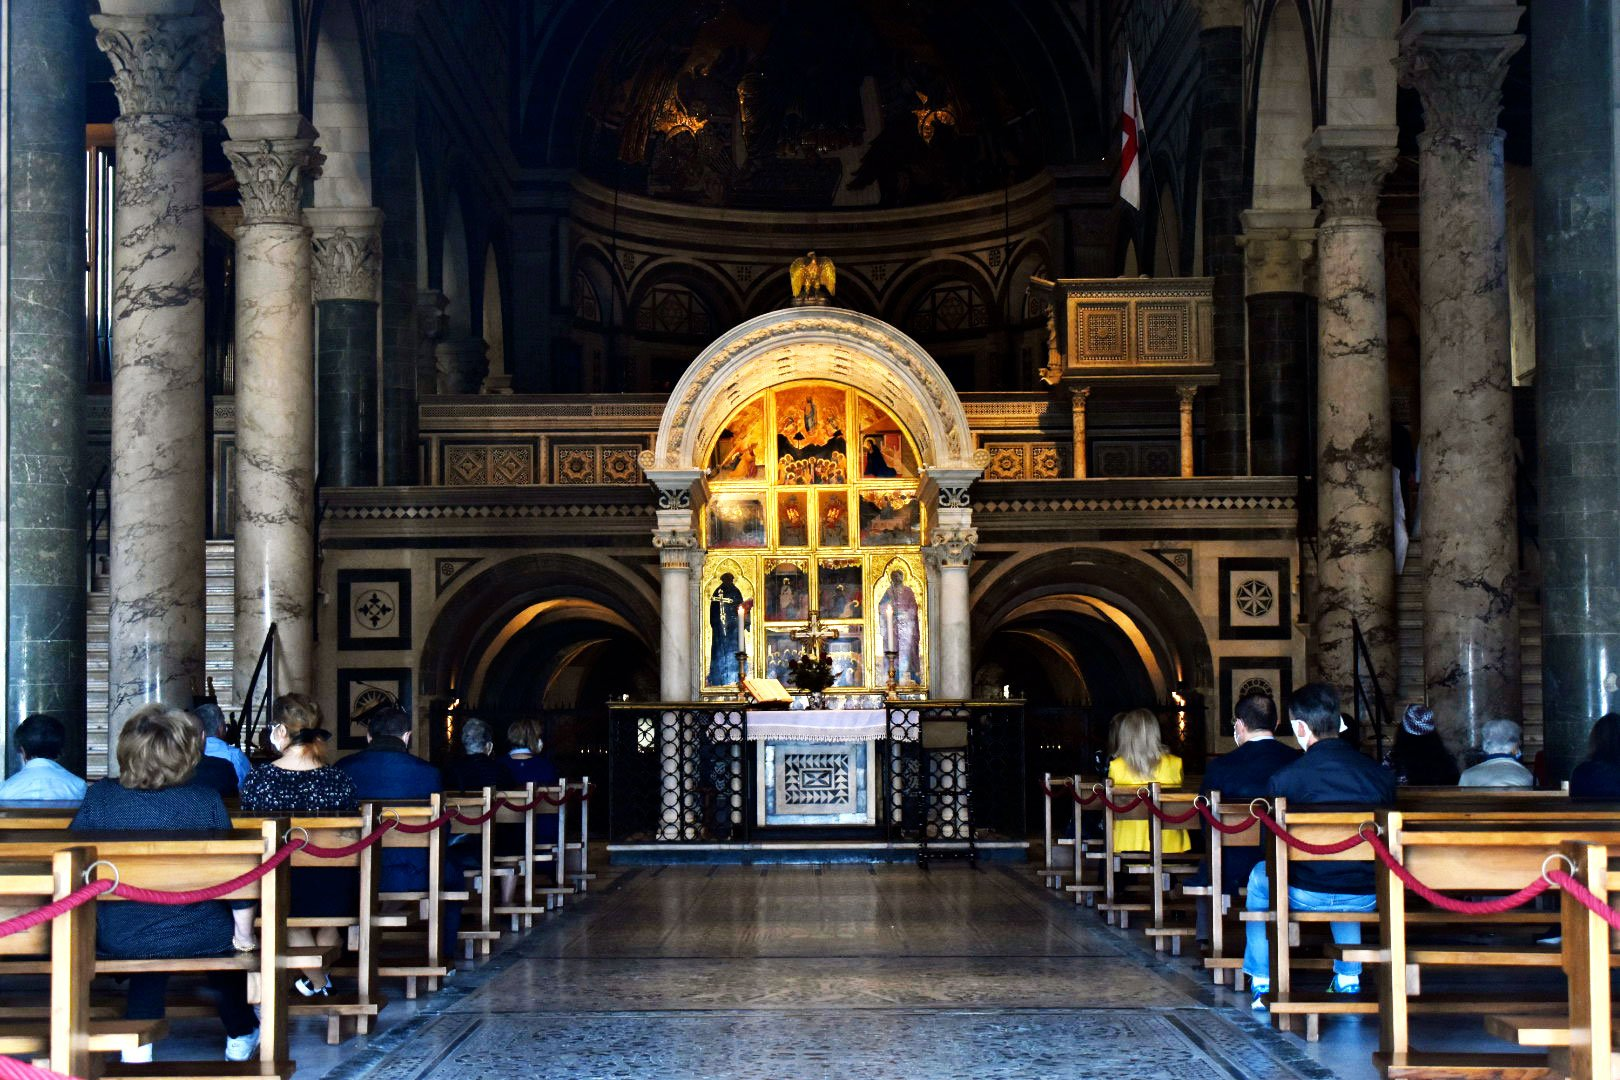 L'interno della Basilica di San Miniato al Monte